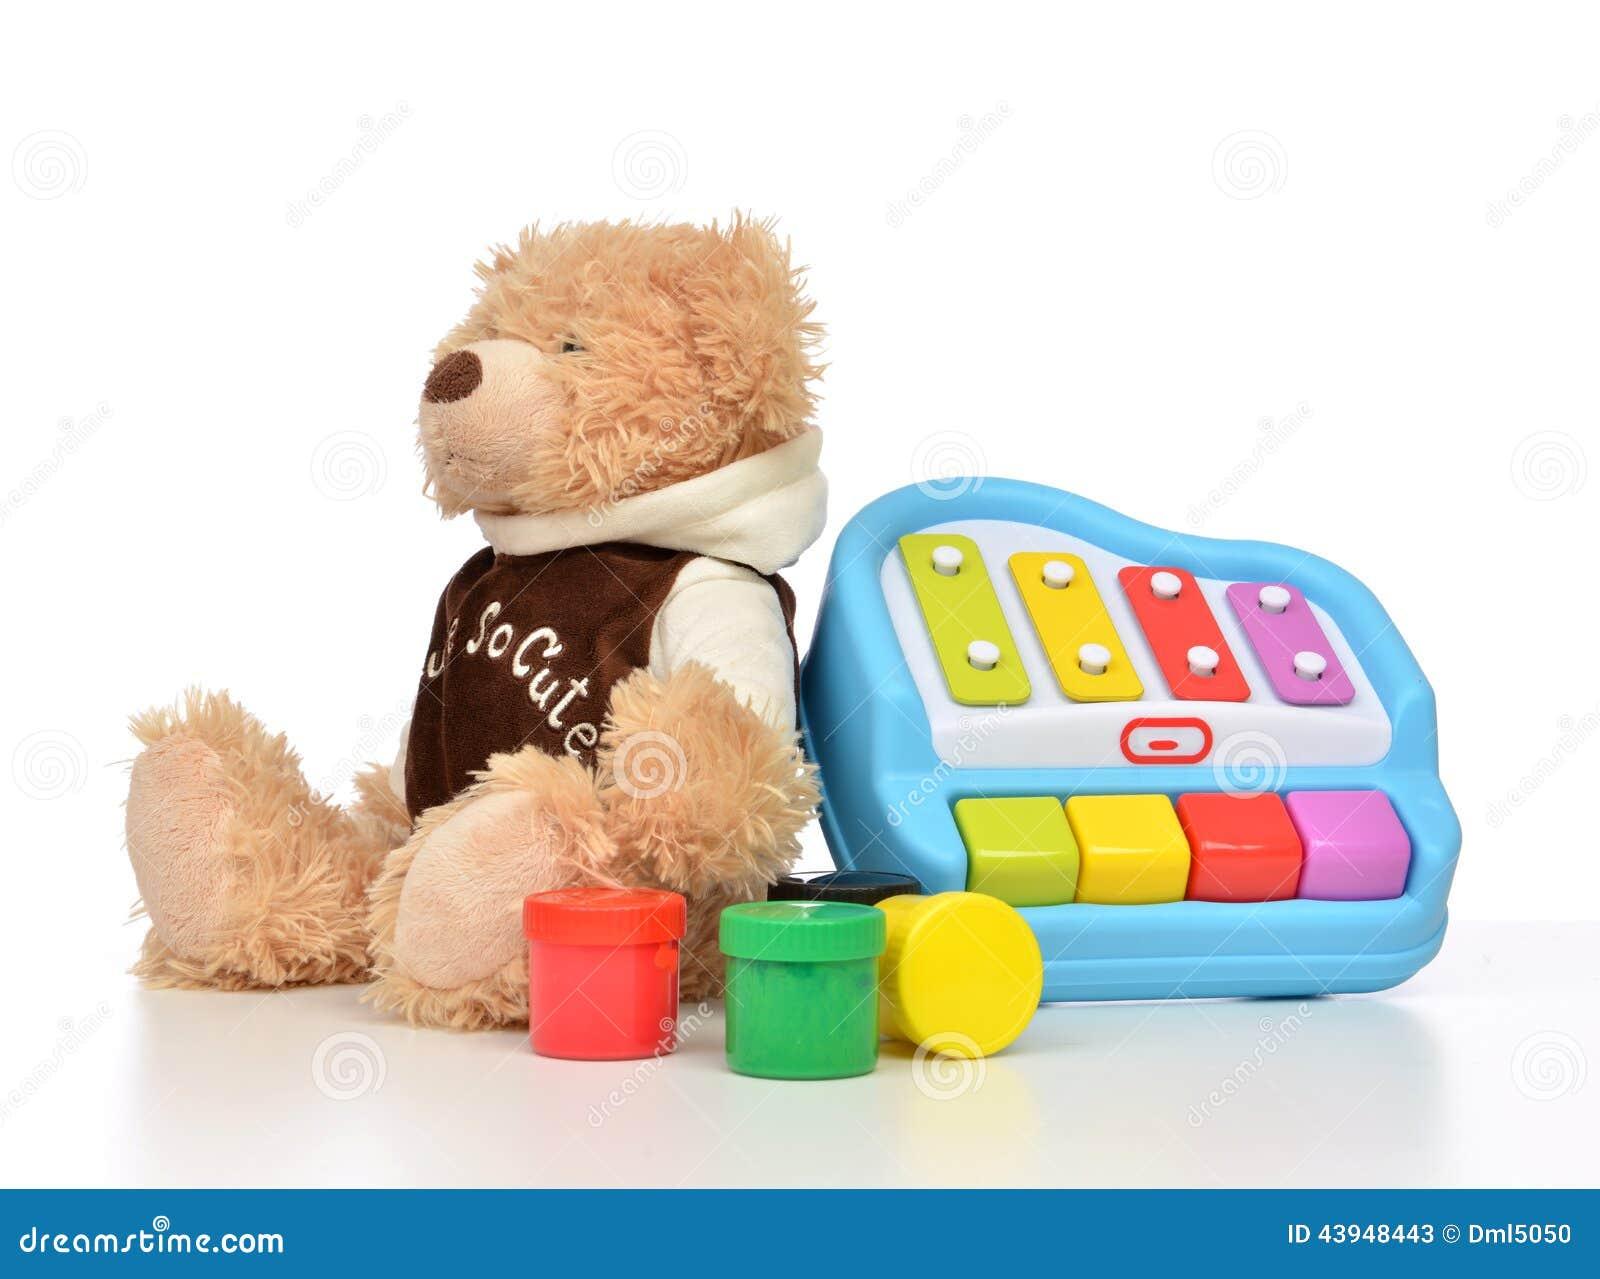 Groß Teddybär Färbung Zeitgenössisch - Malvorlagen Ideen - blogsbr.info